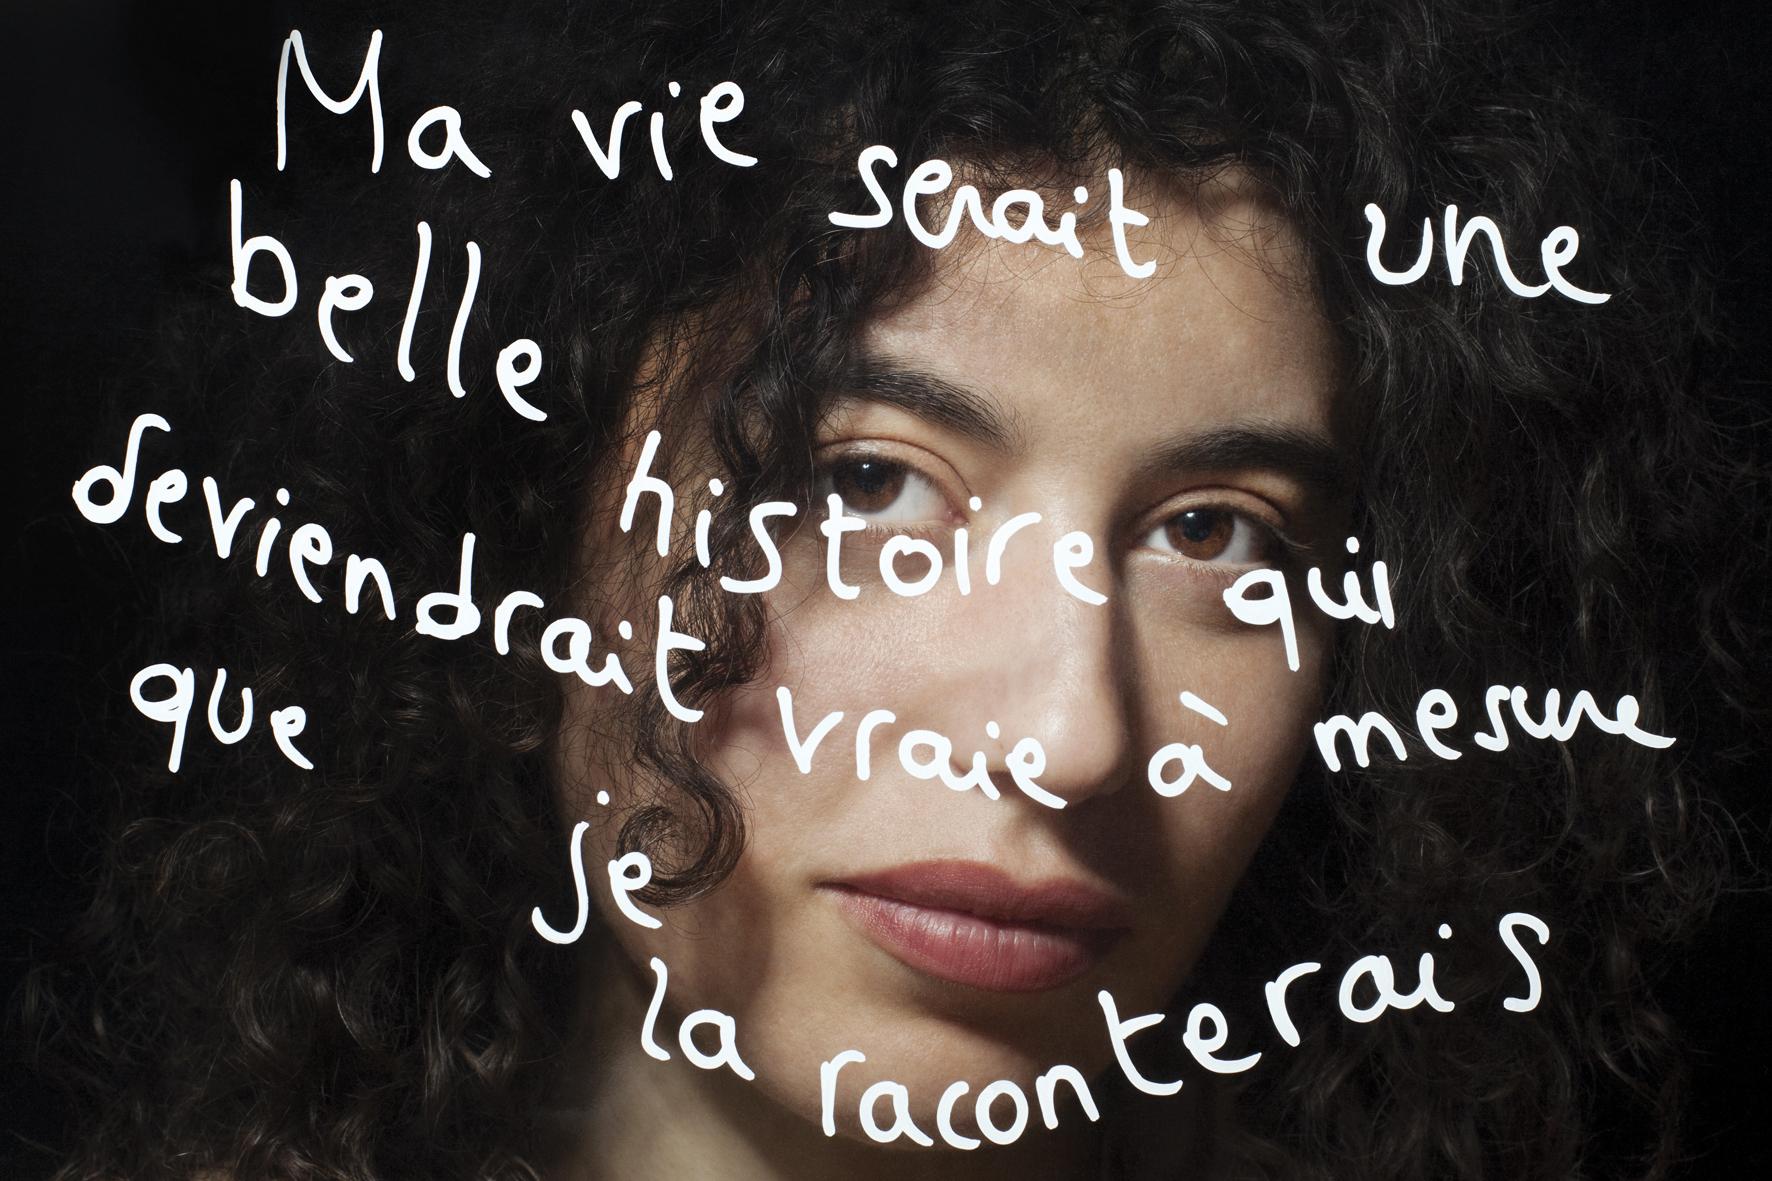 """Fatima-Ezzahra Benomar, activiste militante féministe, """"Ma vie serait une belle histoire qui deviendrait vraie à mesure que je la raconterais"""", d'après une citation de Simone de Beauvoir, Mémoires d'une jeune fille rangée, Gallimard, 1958. © PORTRAIT-PAROLE 2016."""